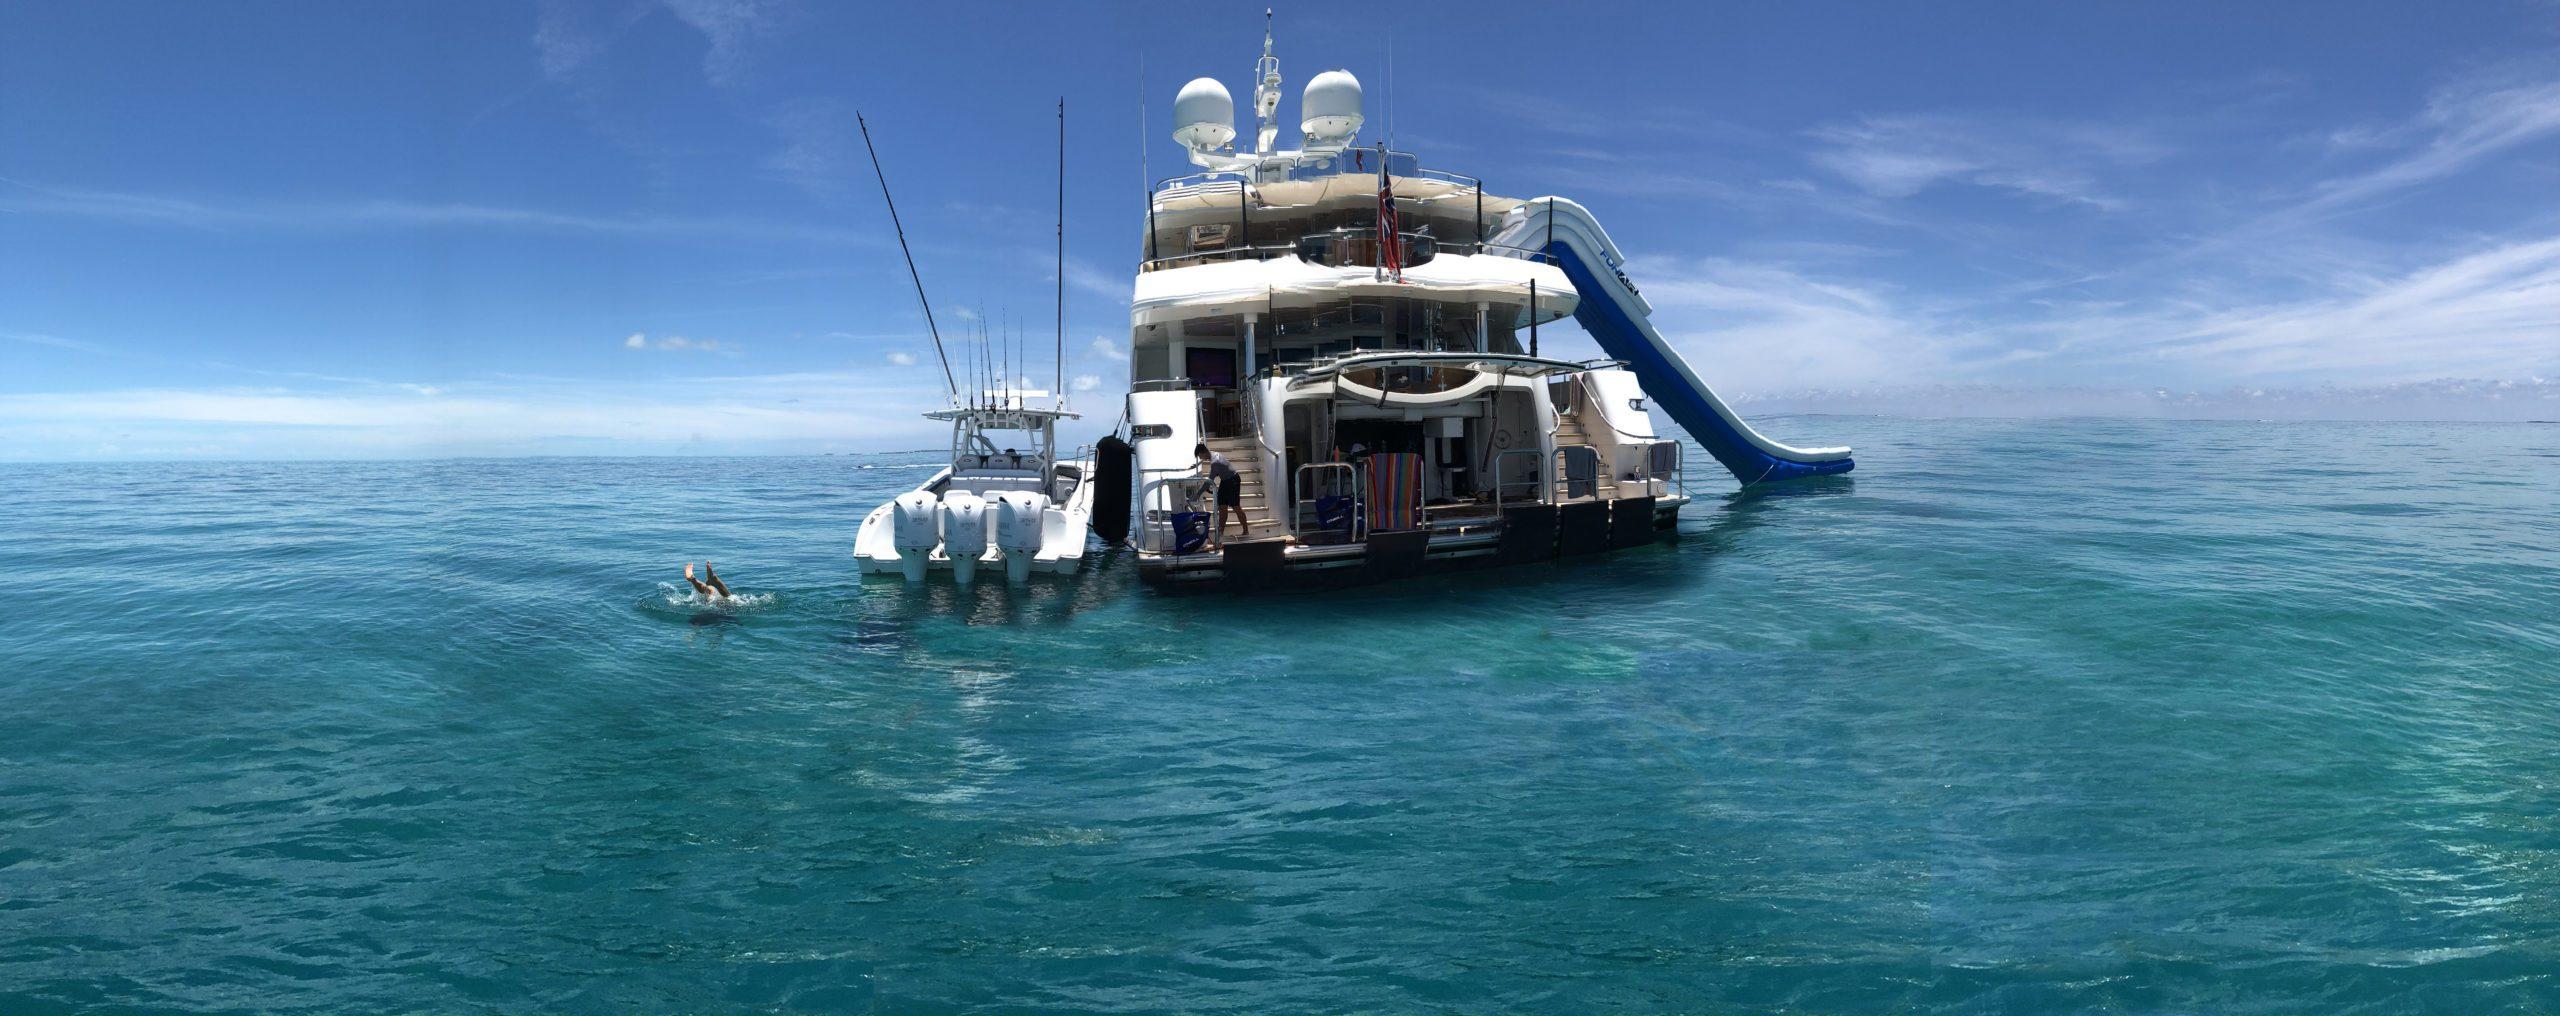 Hanger Yacht Slide on Motor Yacht Hospitality